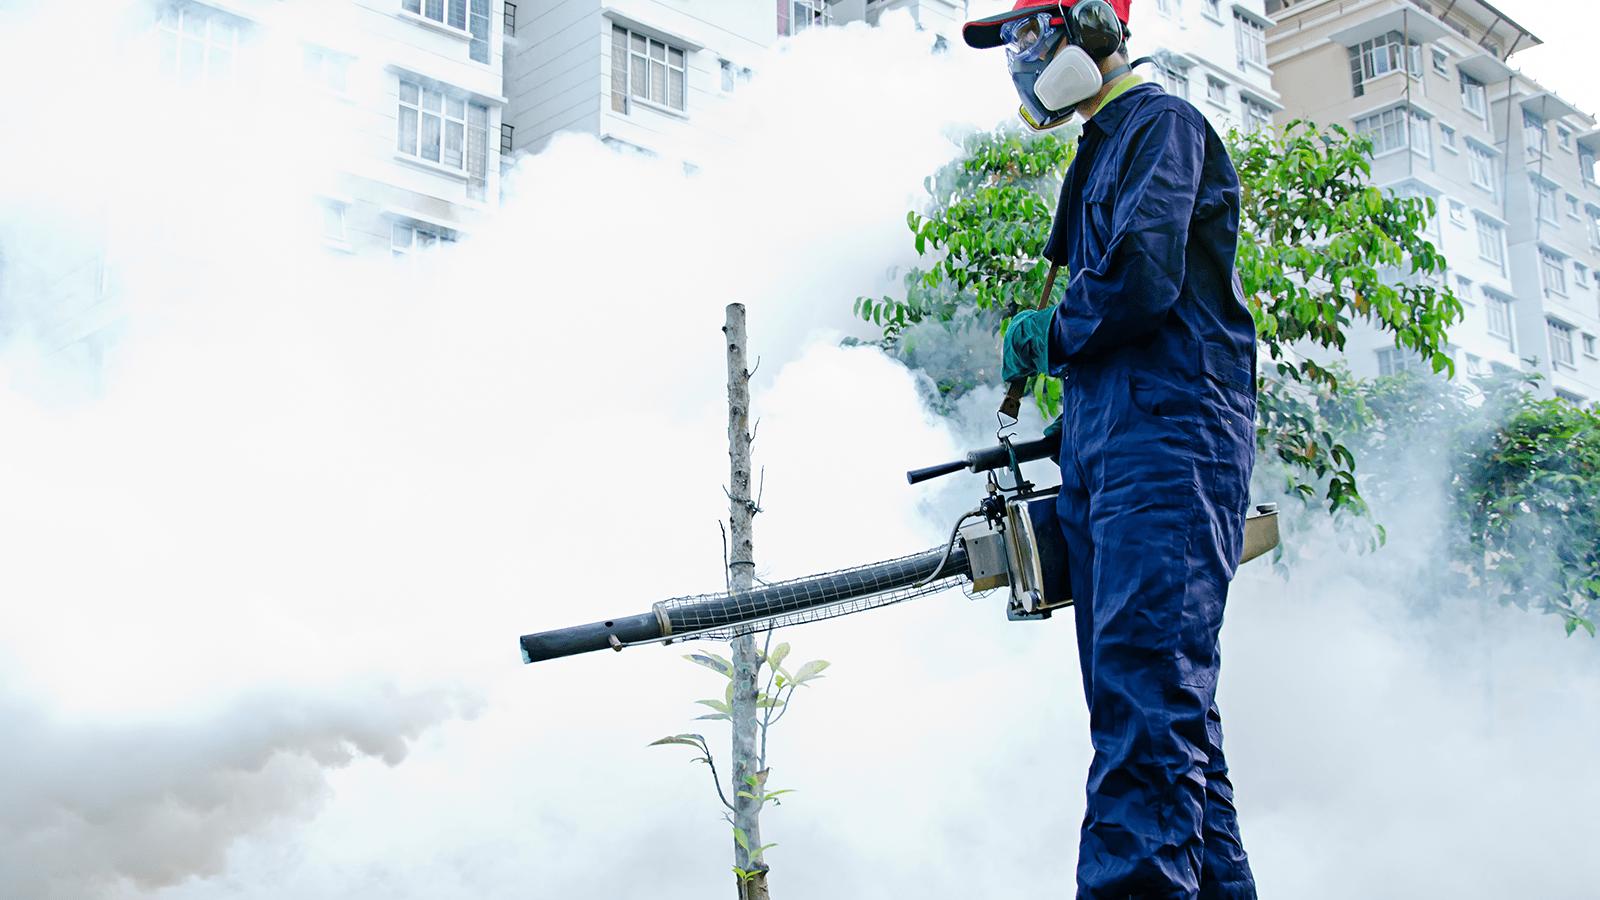 un uomo con una maschera durante una disinfestazione all'aperto